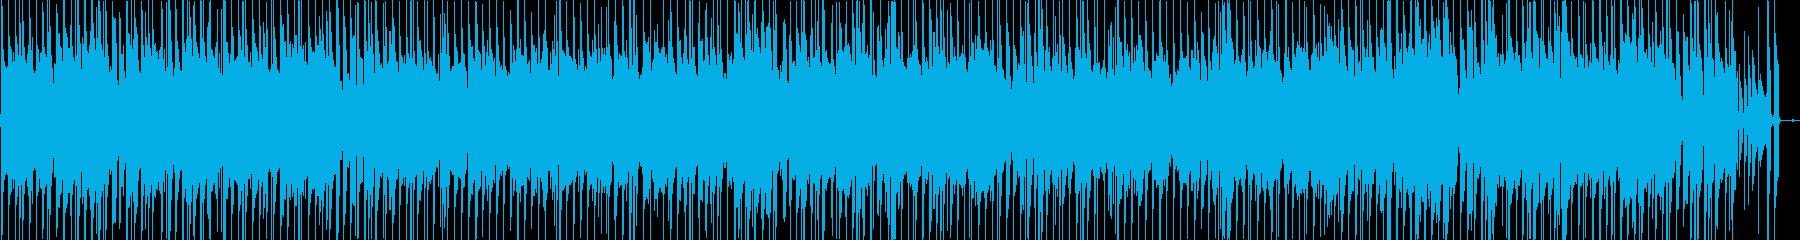 爽やかなギターポップの再生済みの波形